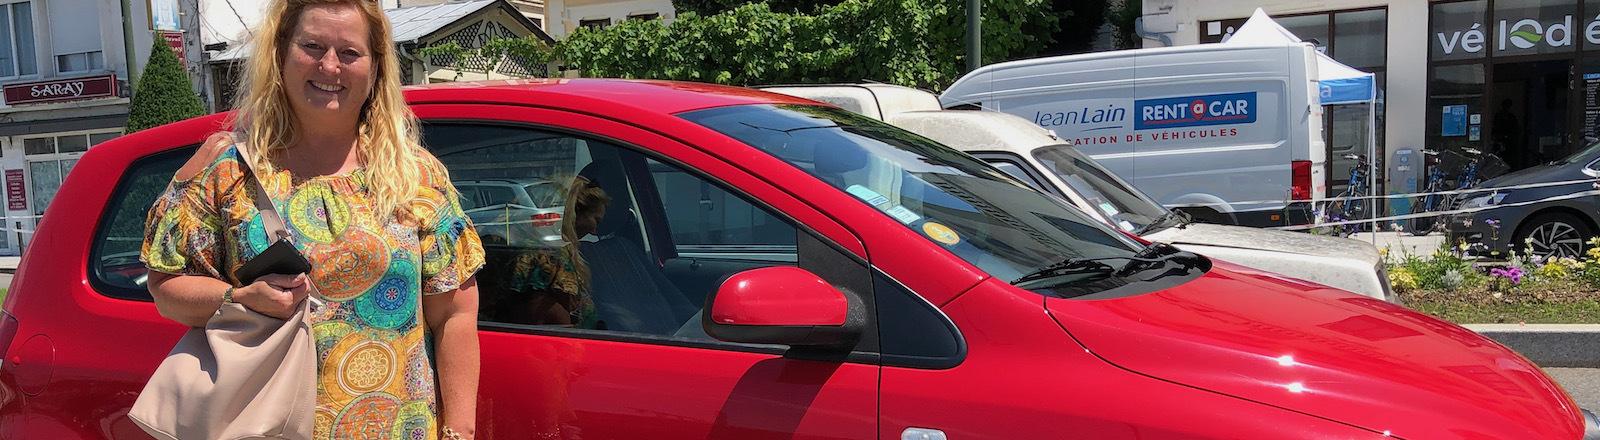 Nathalie vor einem Auto, das sie bei OuiCar vermietet.